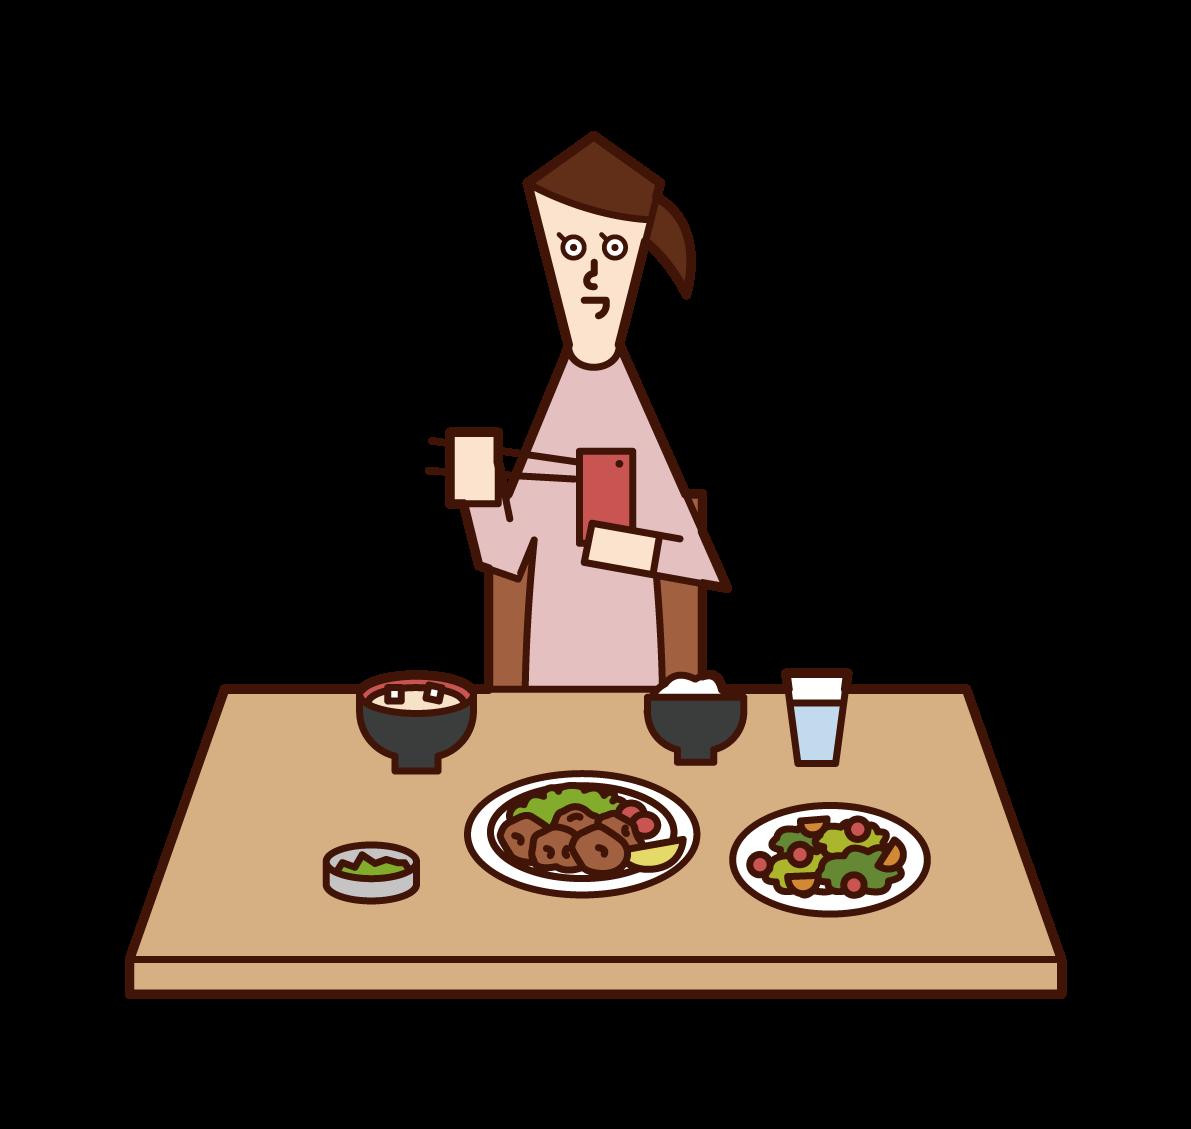 食事中にスマートフォンを使用する人(女性)のイラスト